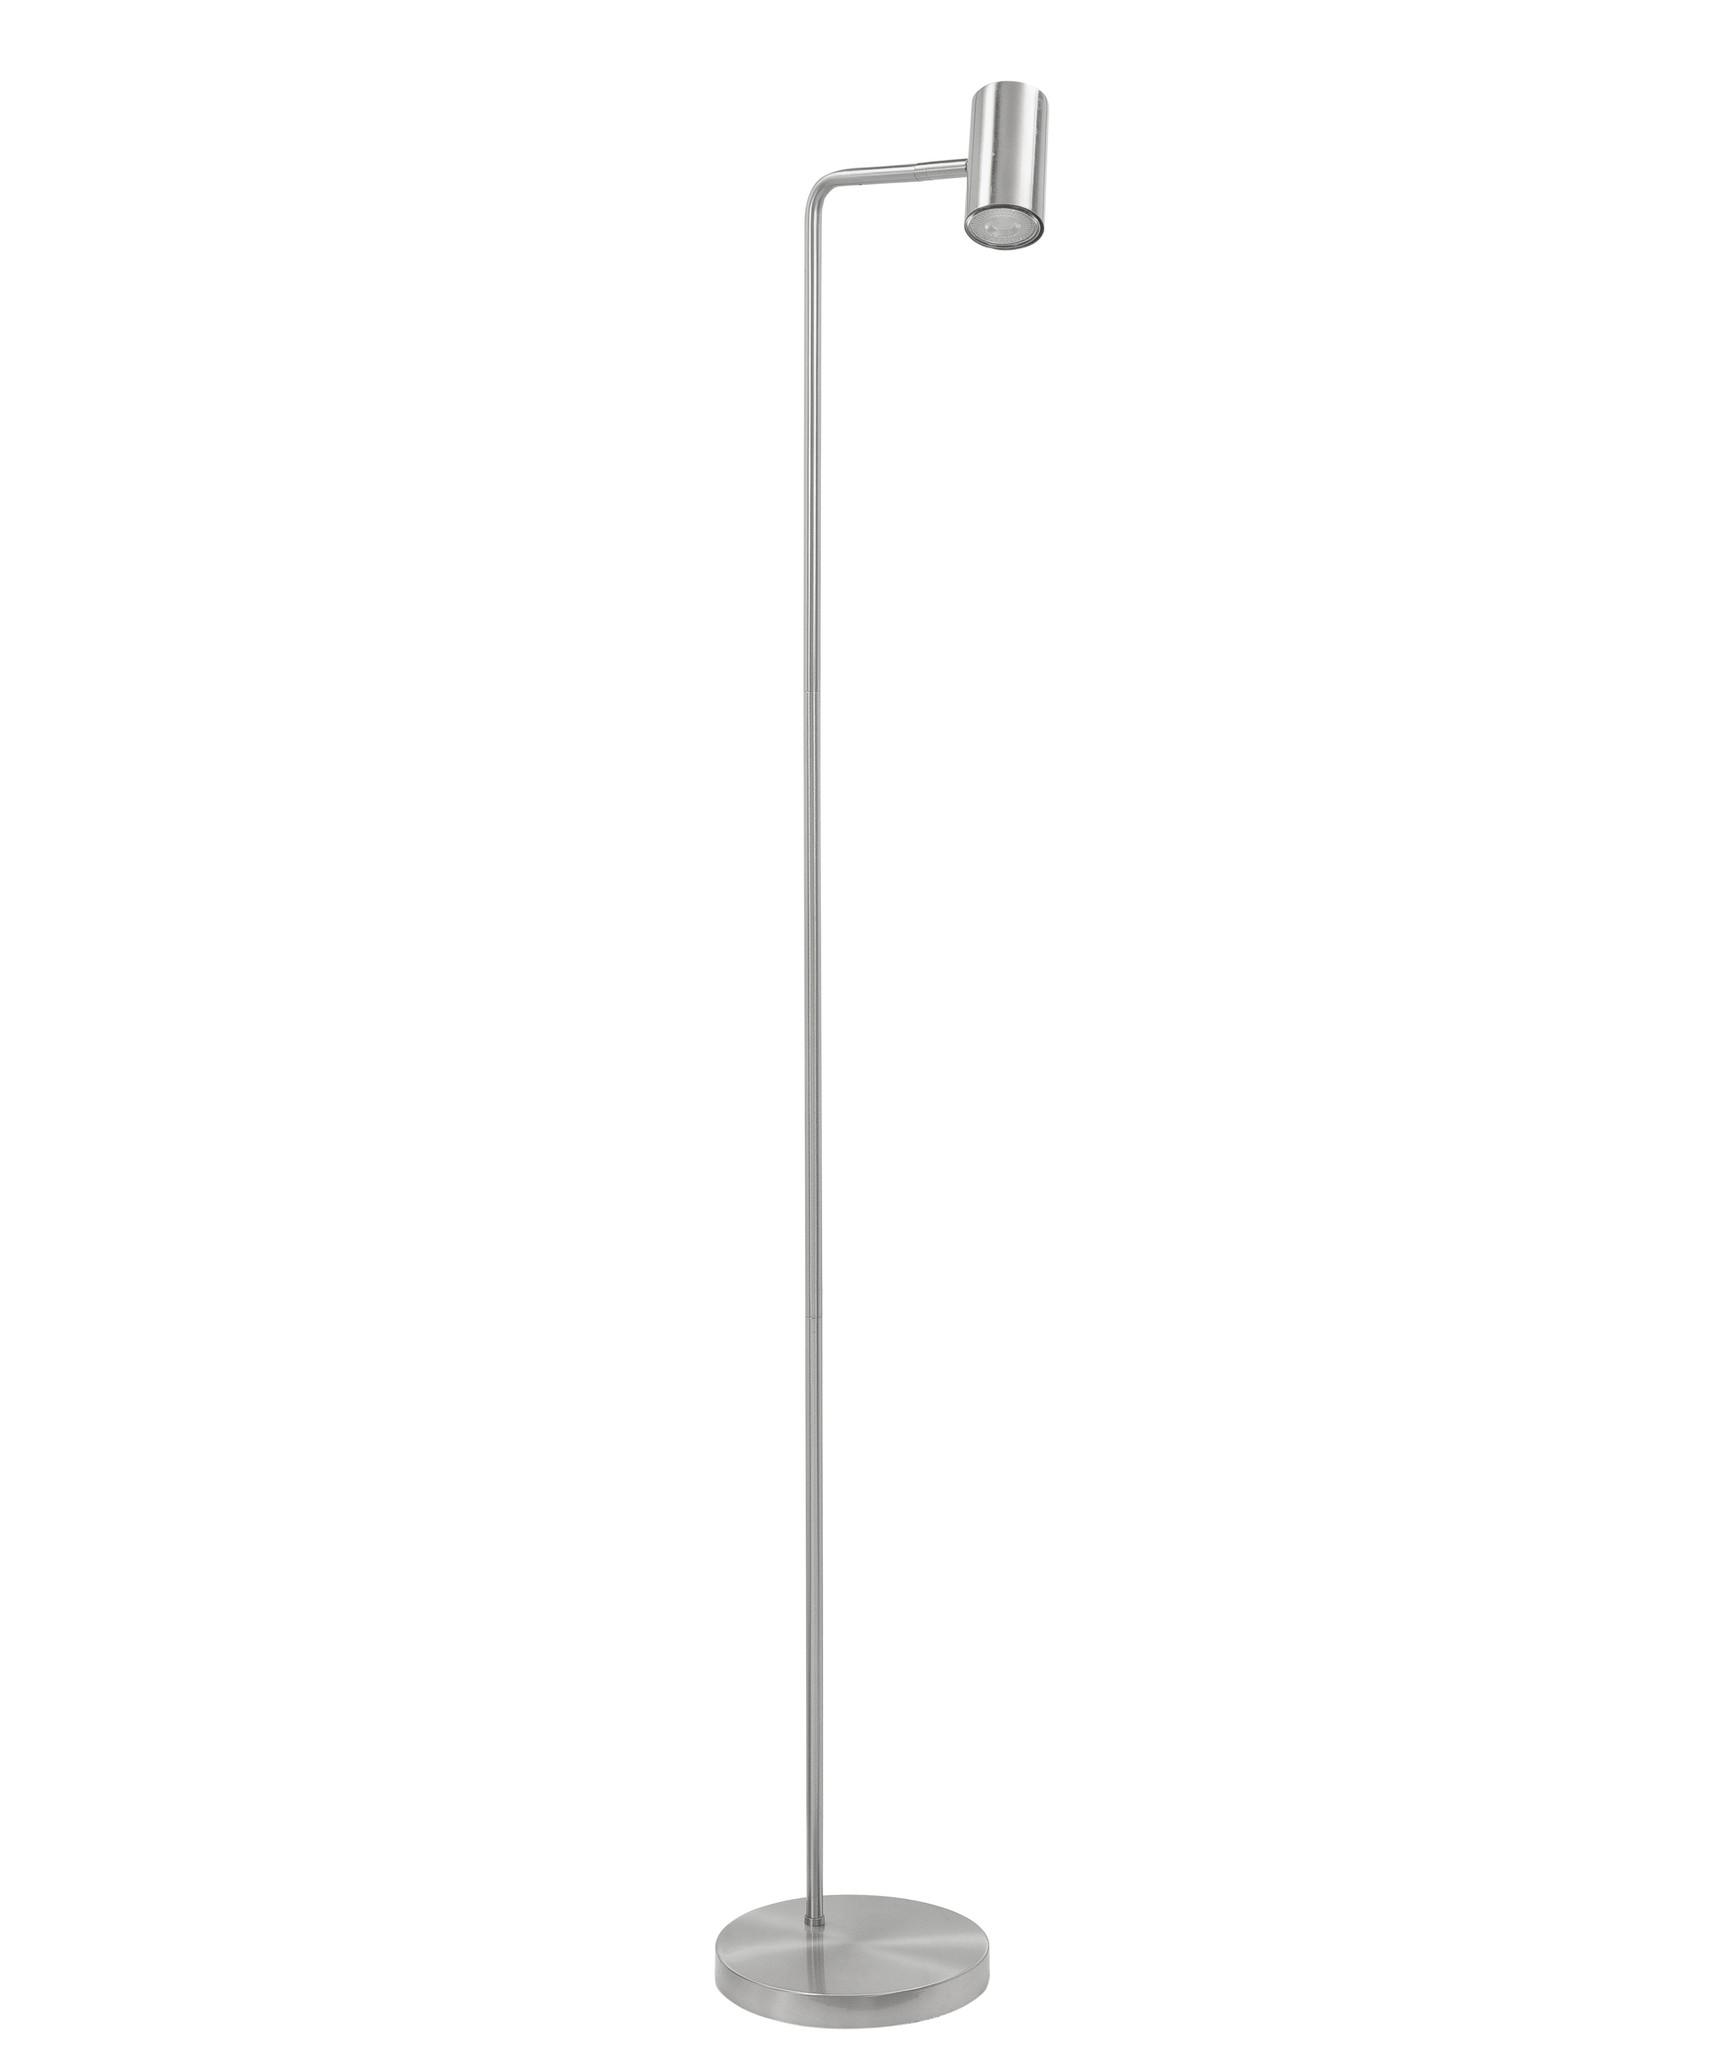 Vloerlamp Burgos RVS 1 lichts 134cm